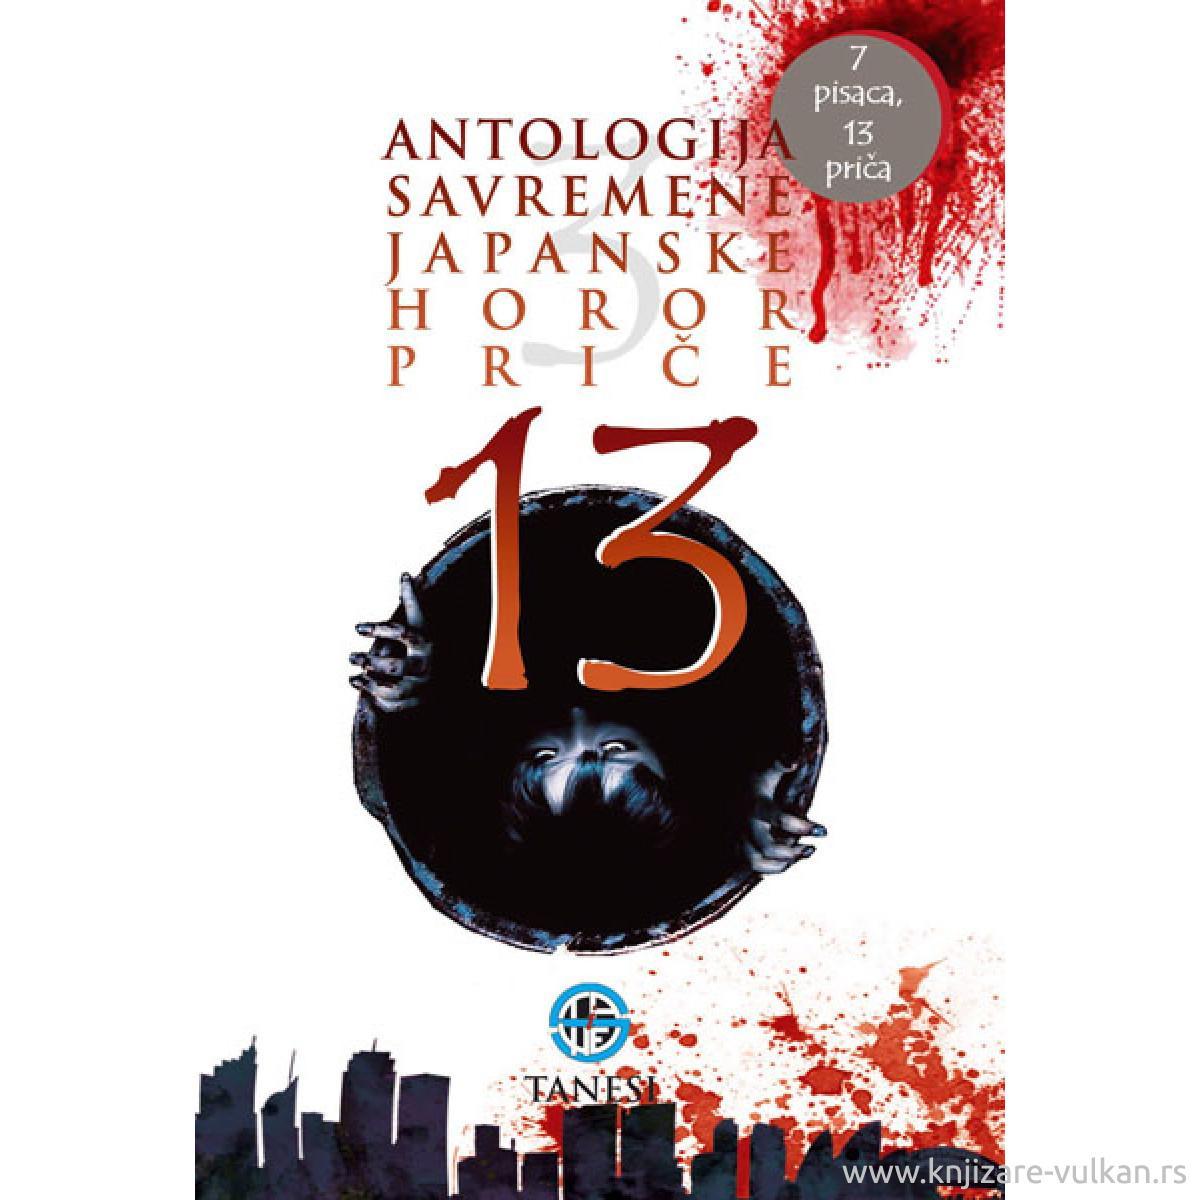 13 – Антологија савремене јапанске хорор приче